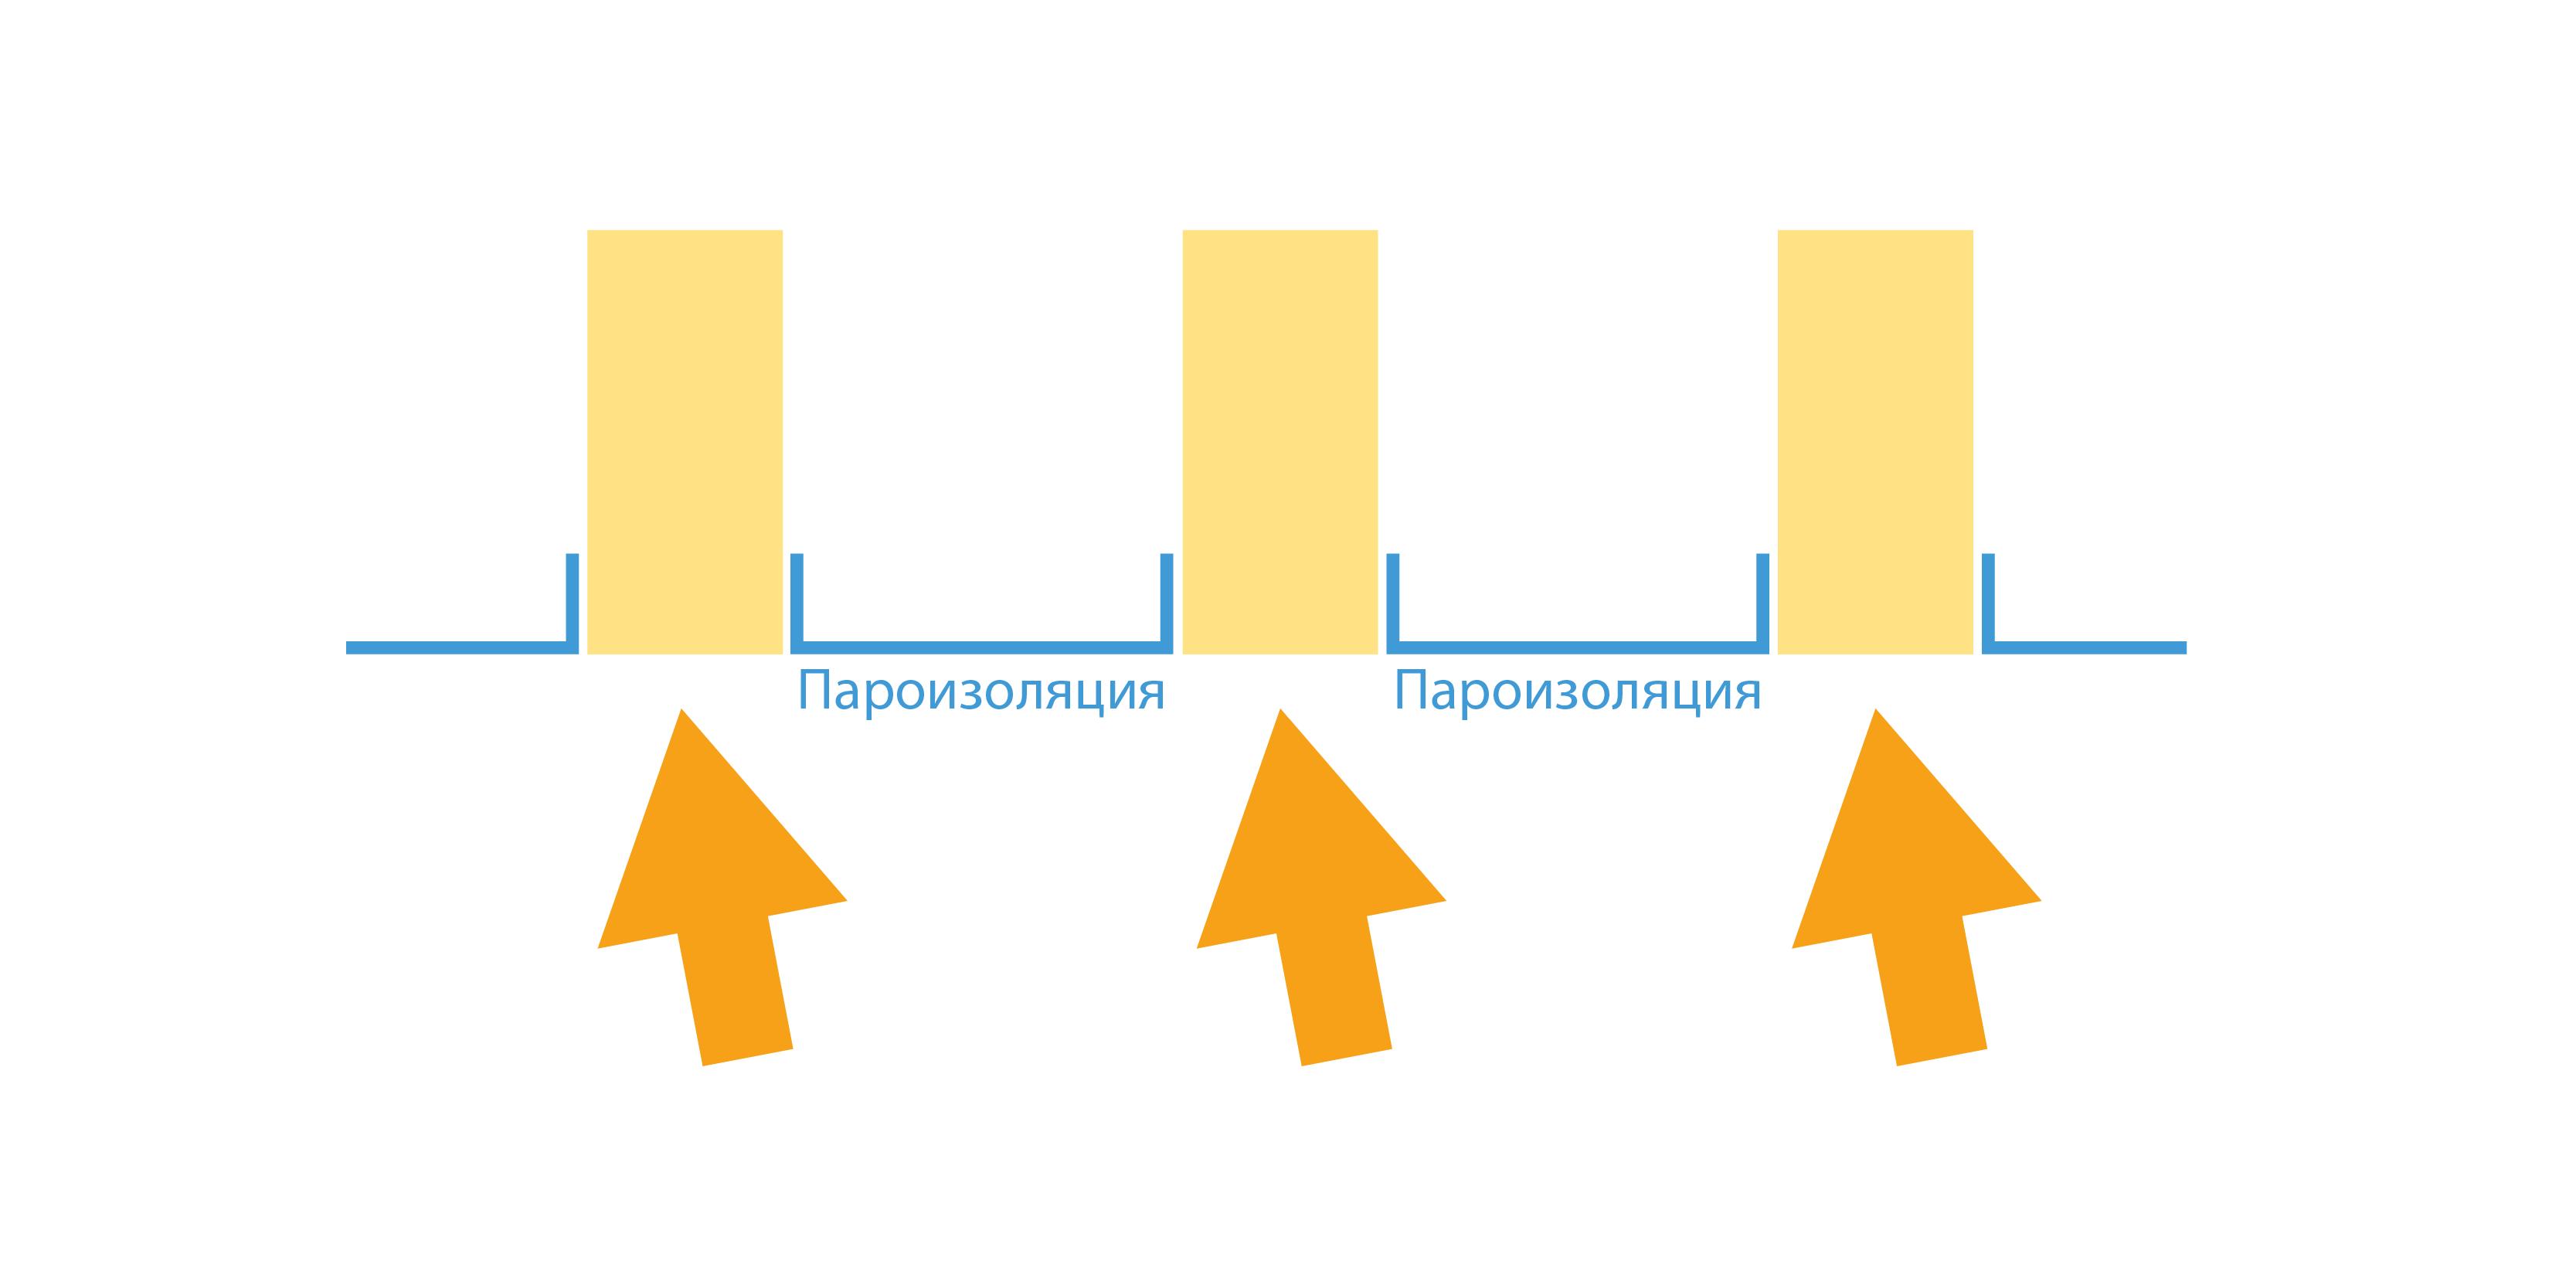 Неправильная укладка пароизоляции